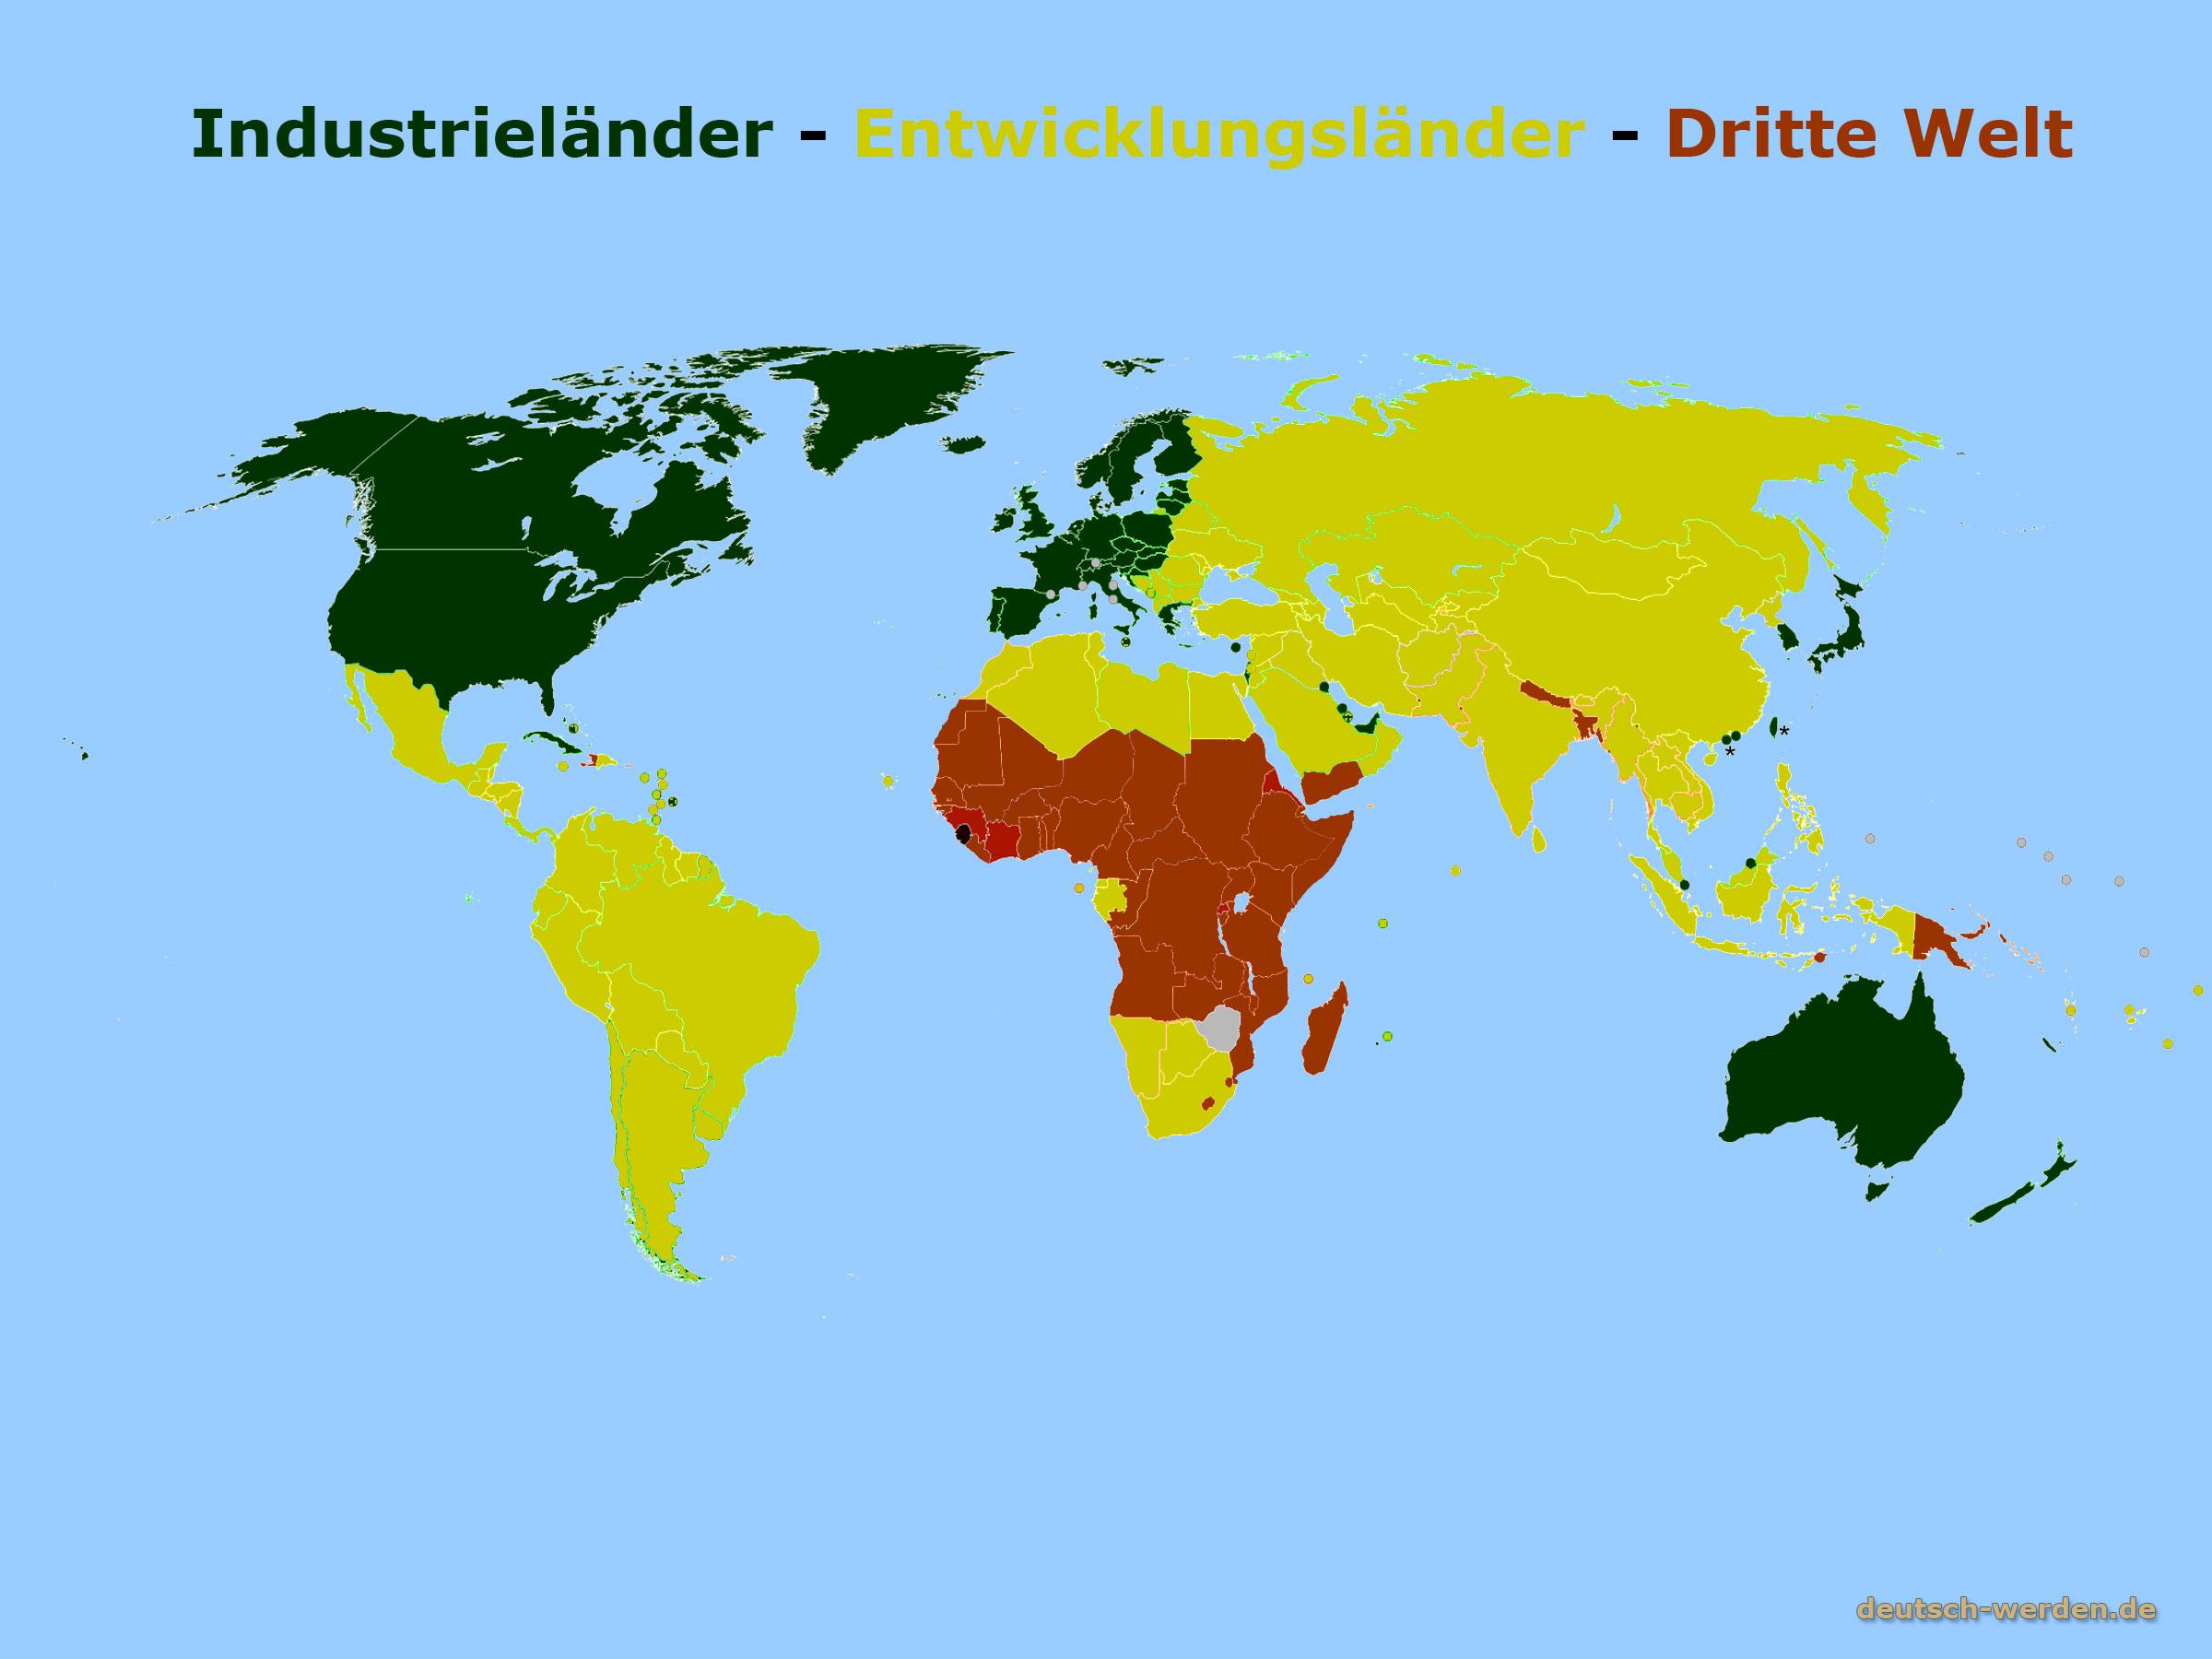 entwiclungslnder industrielnder und dritte welt auf karte - Entwicklungslander Beispiele